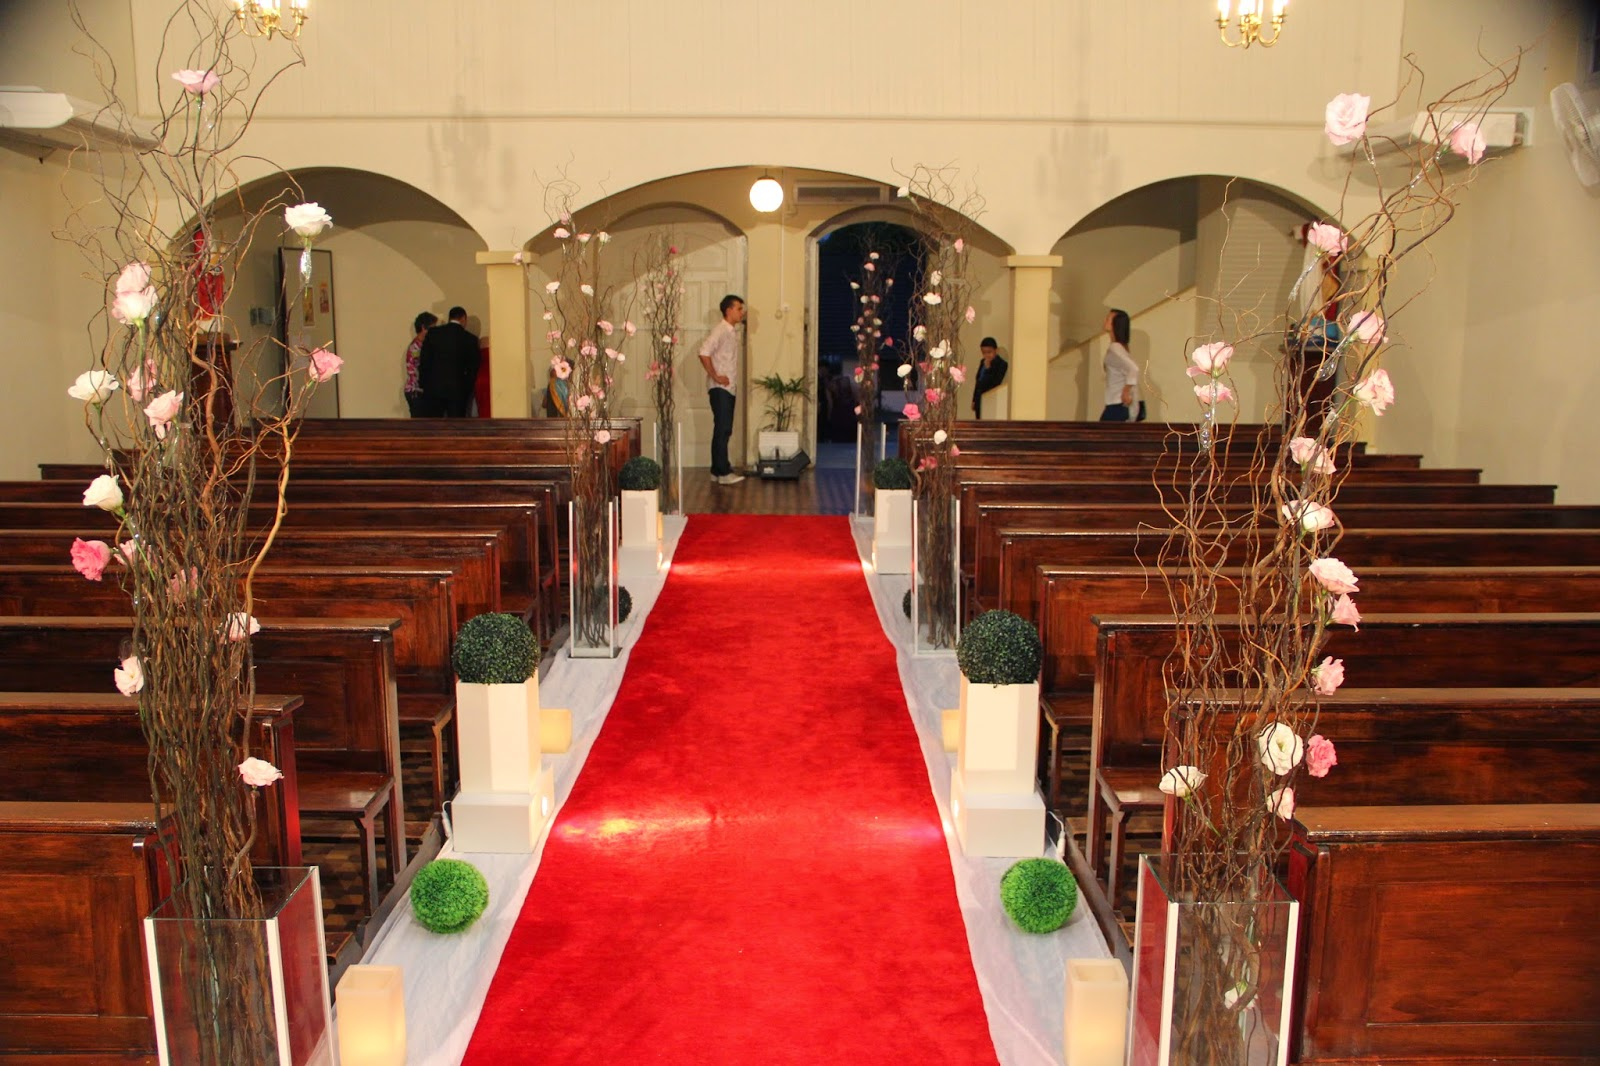 para bodas de casamento,decoração para eventos,decoração para